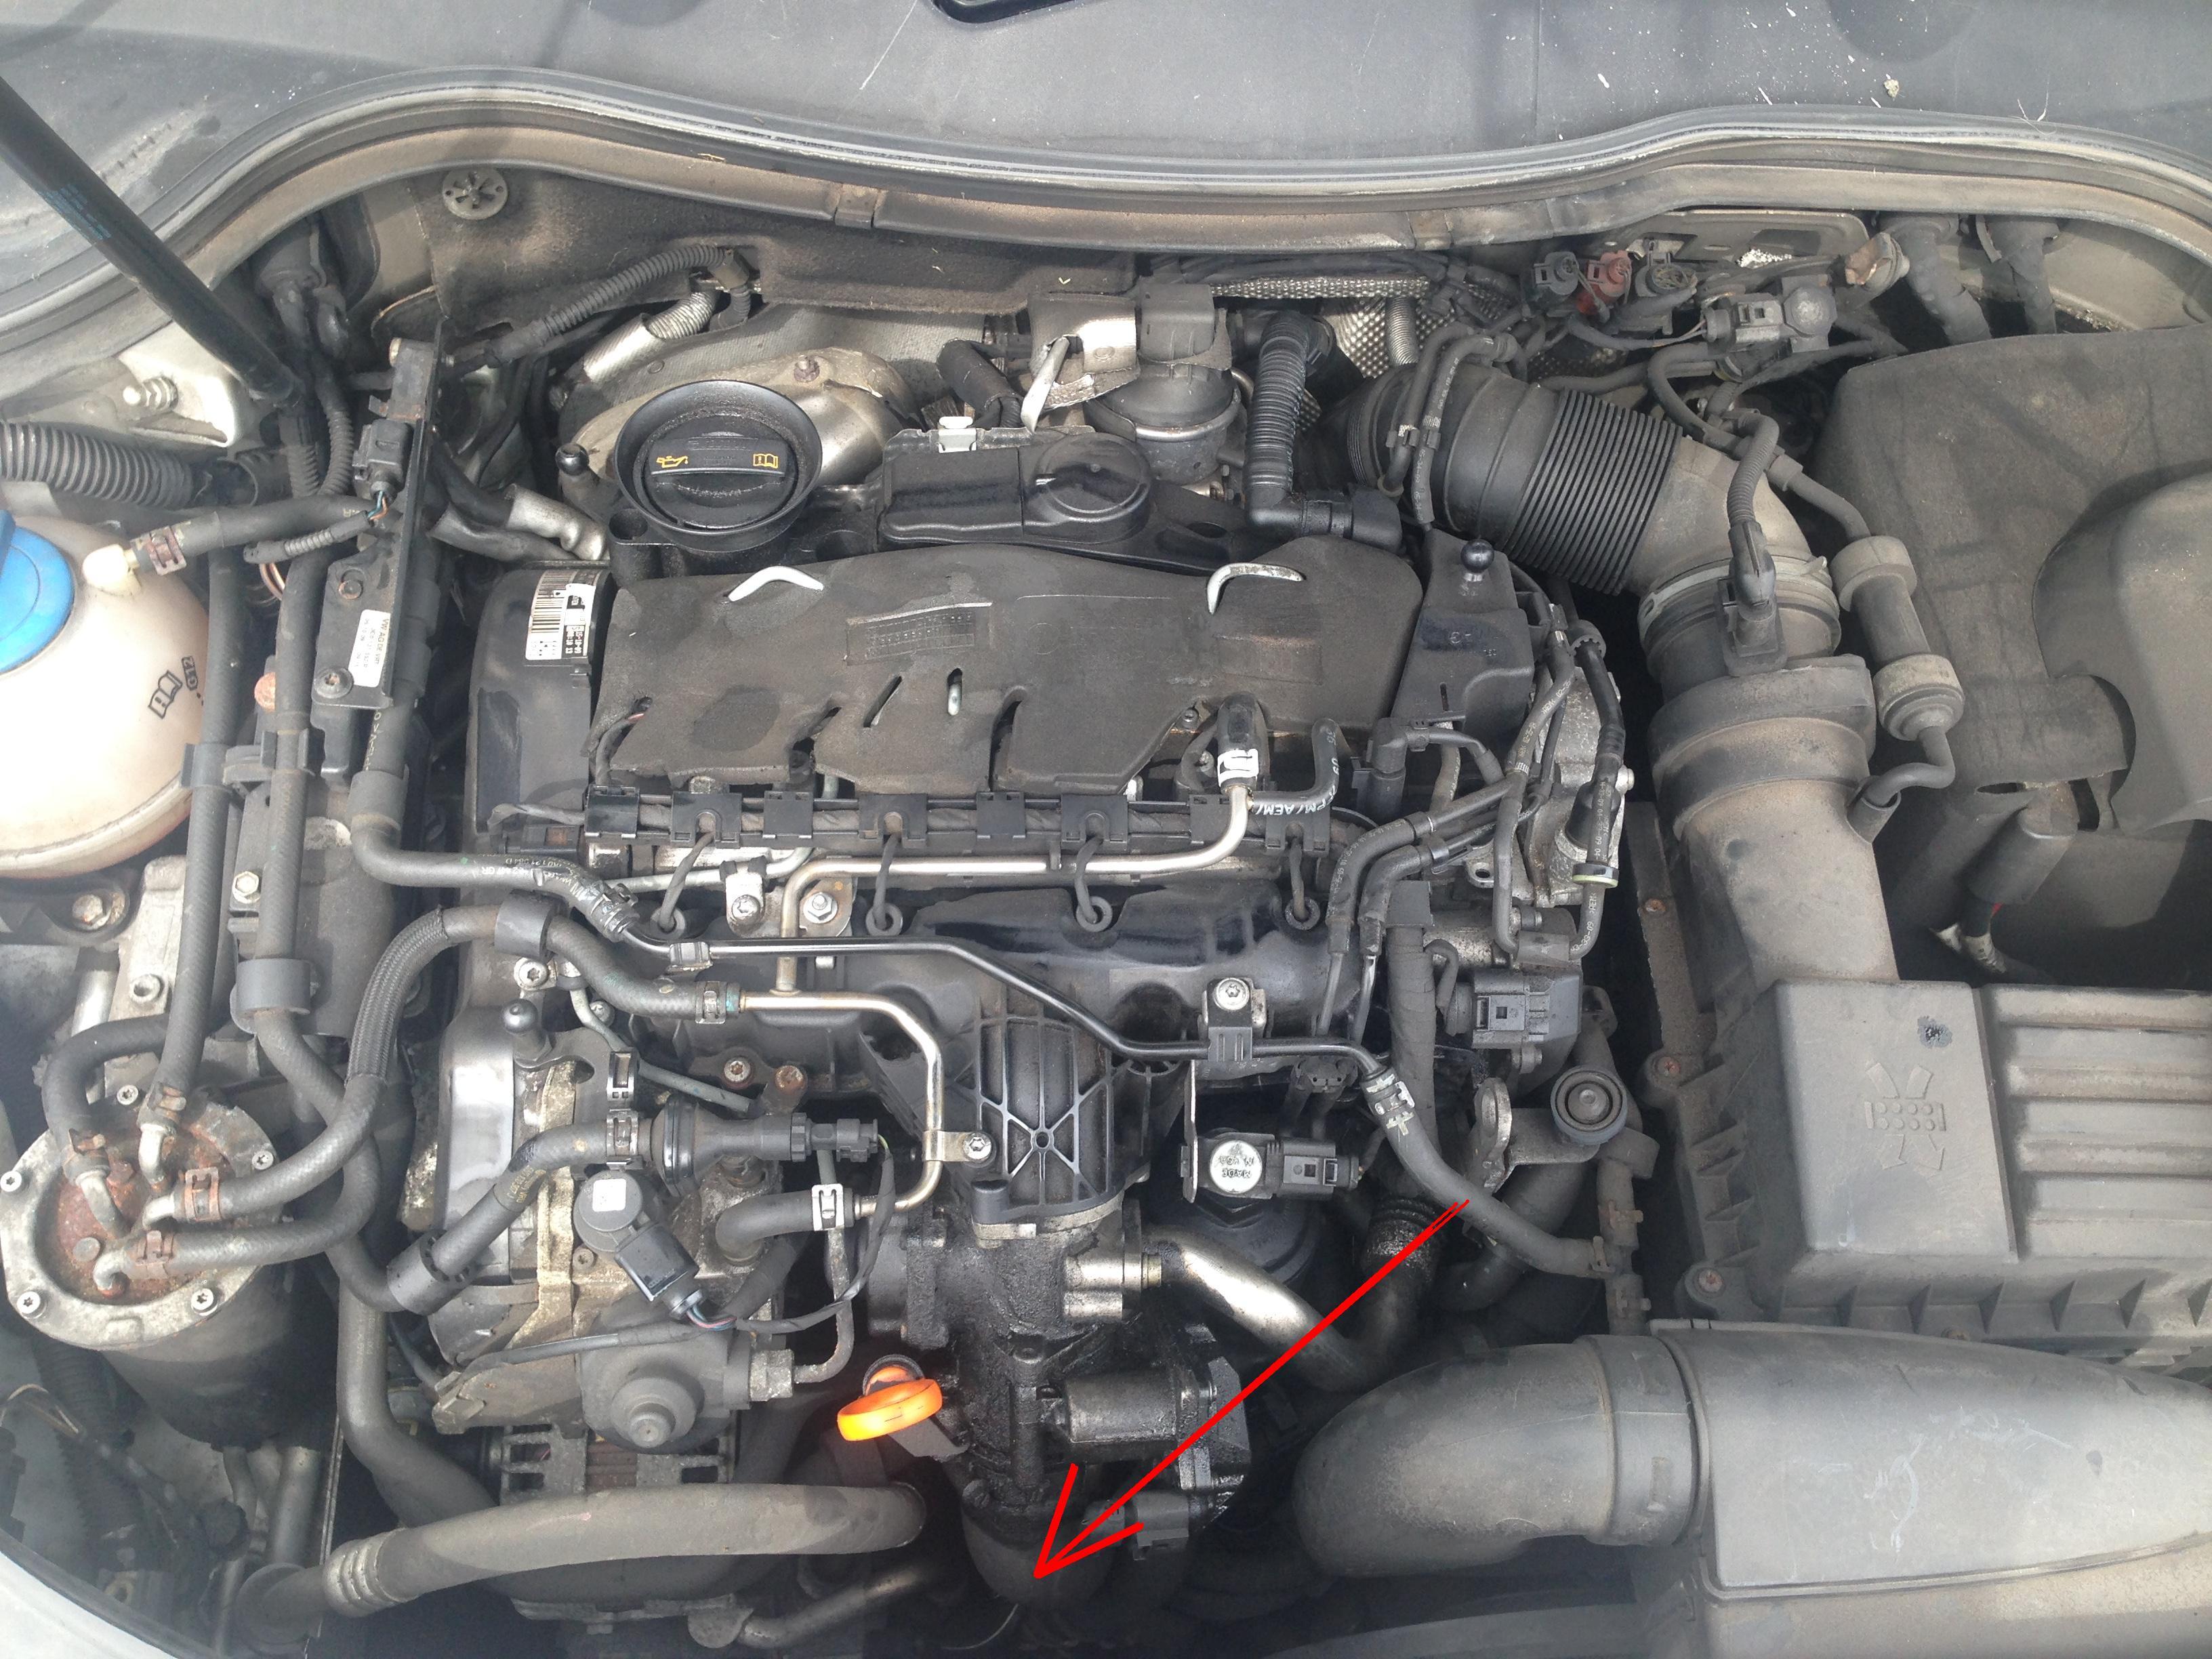 VW Passat 2009 2 0 TDI - Blad P0651 - silnik nie odpala